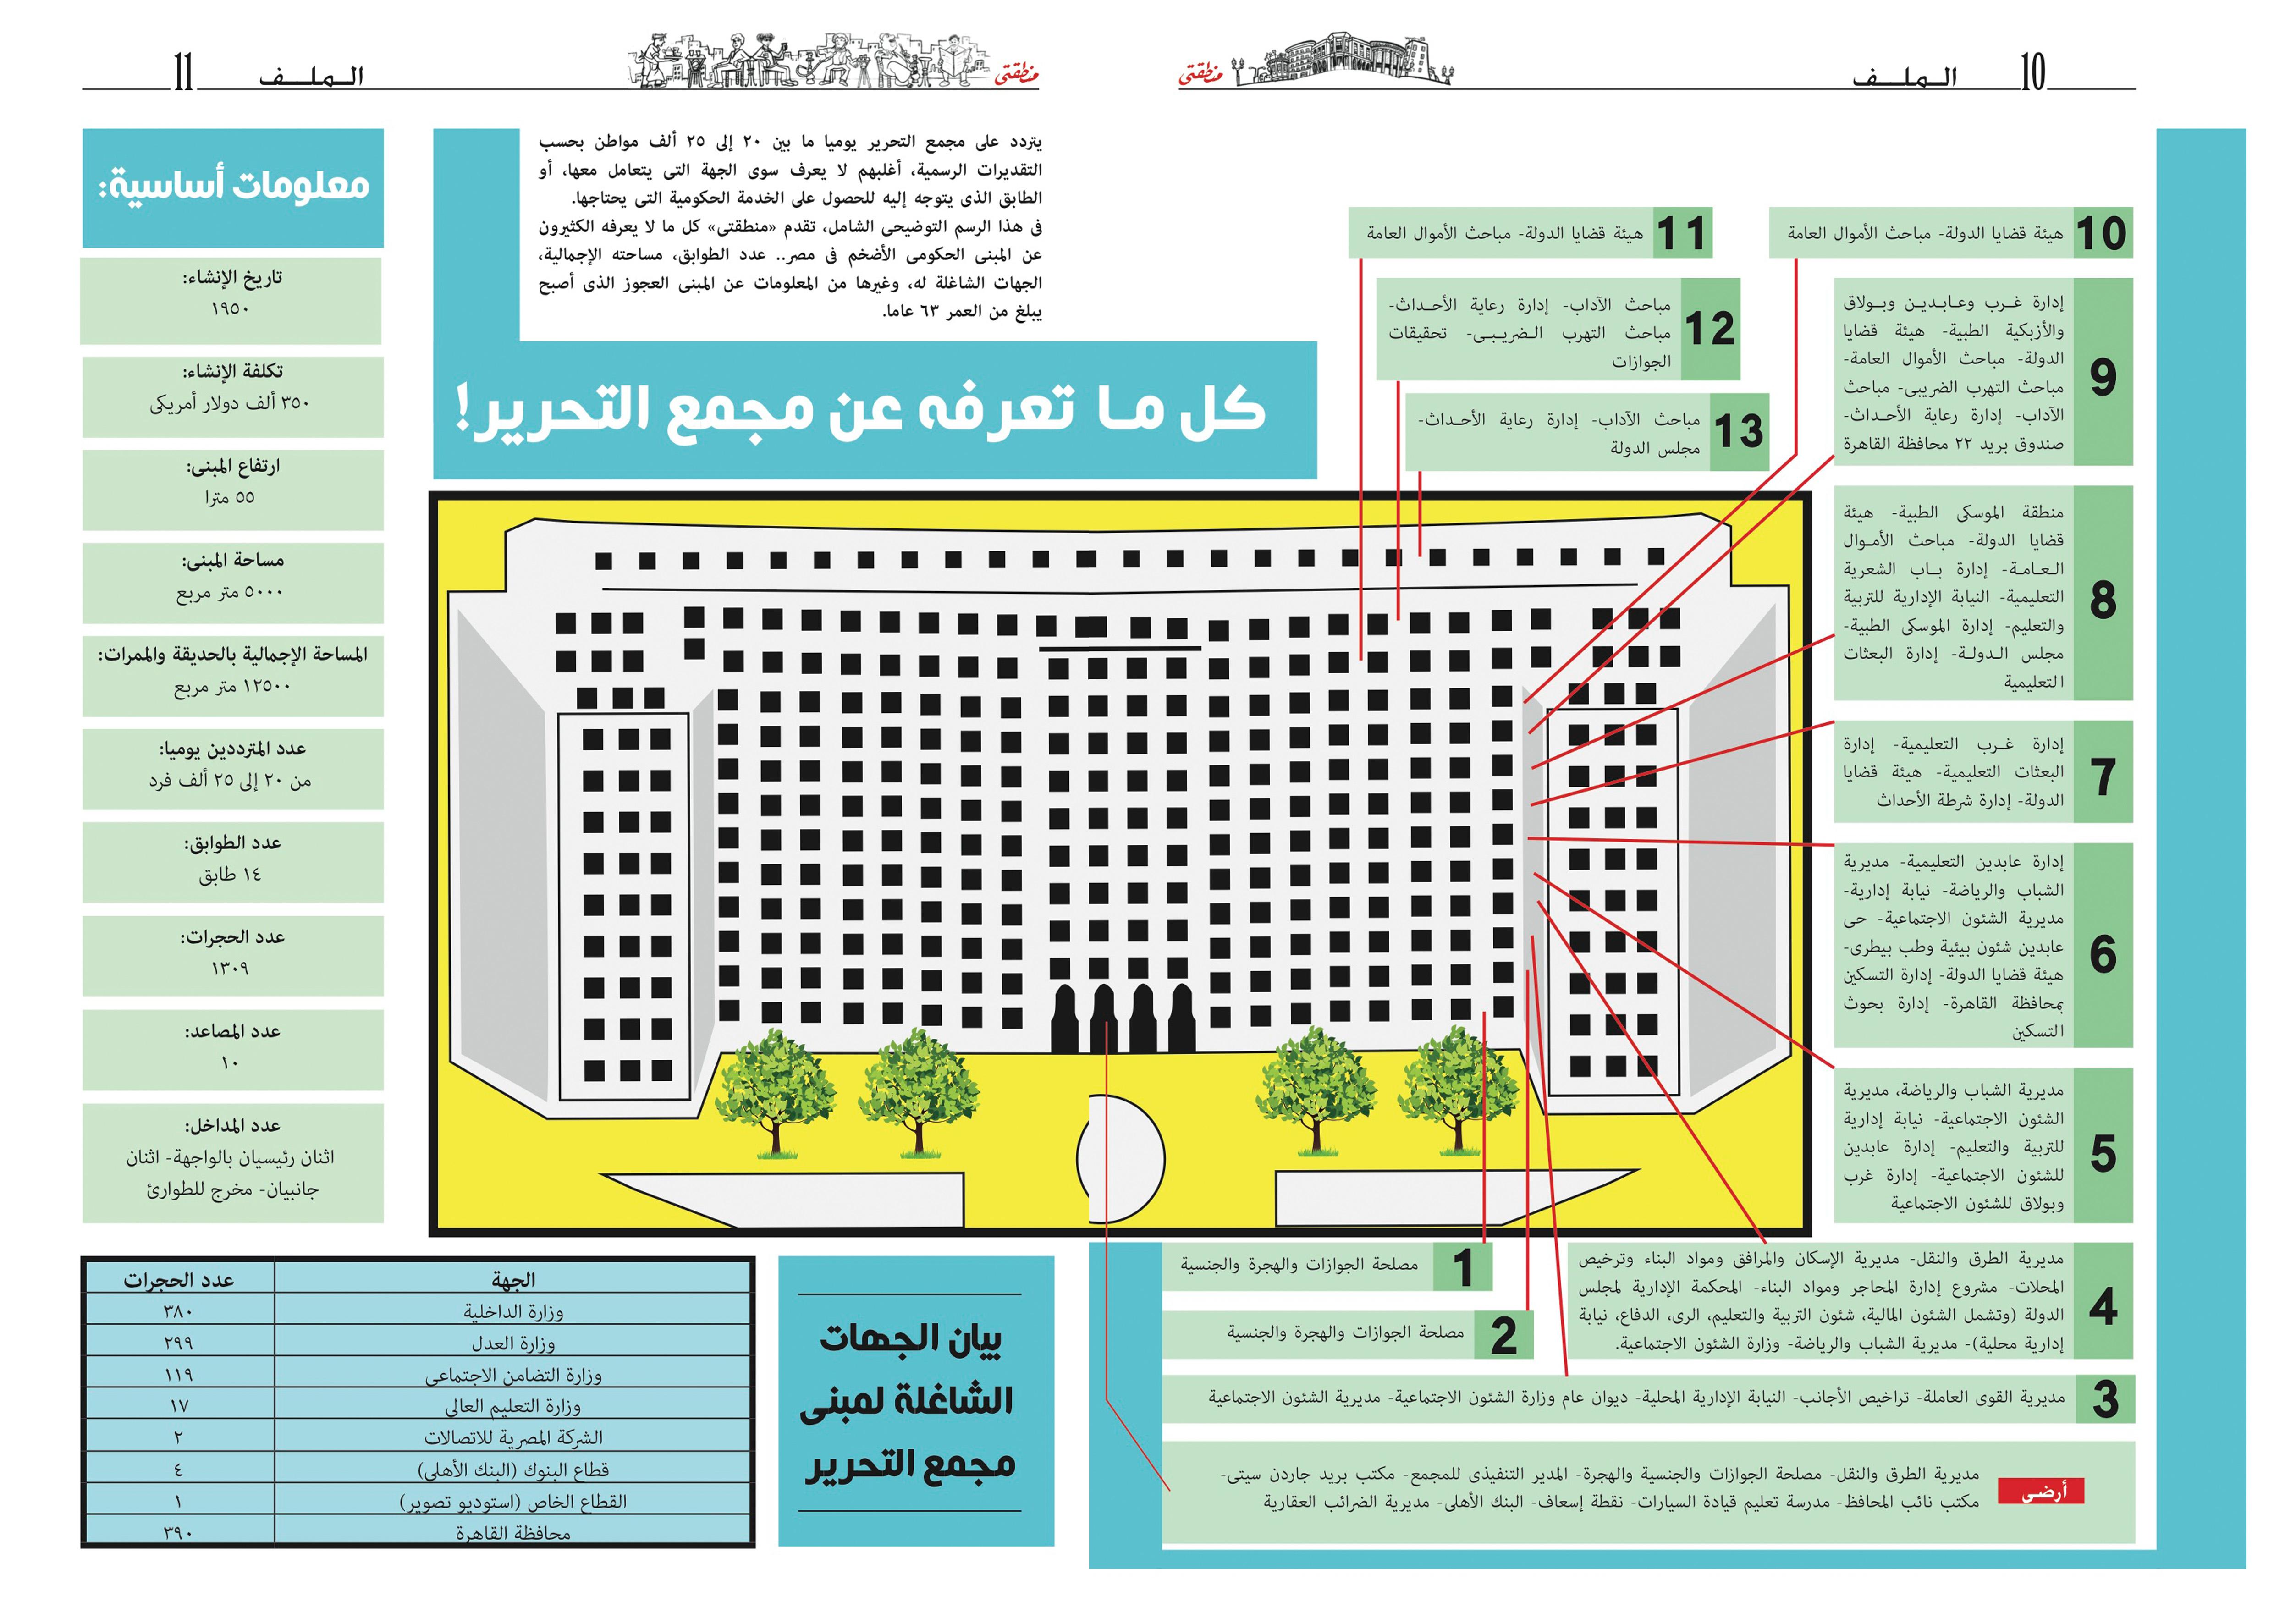 خريطة توضيحية لمجمع التحرير